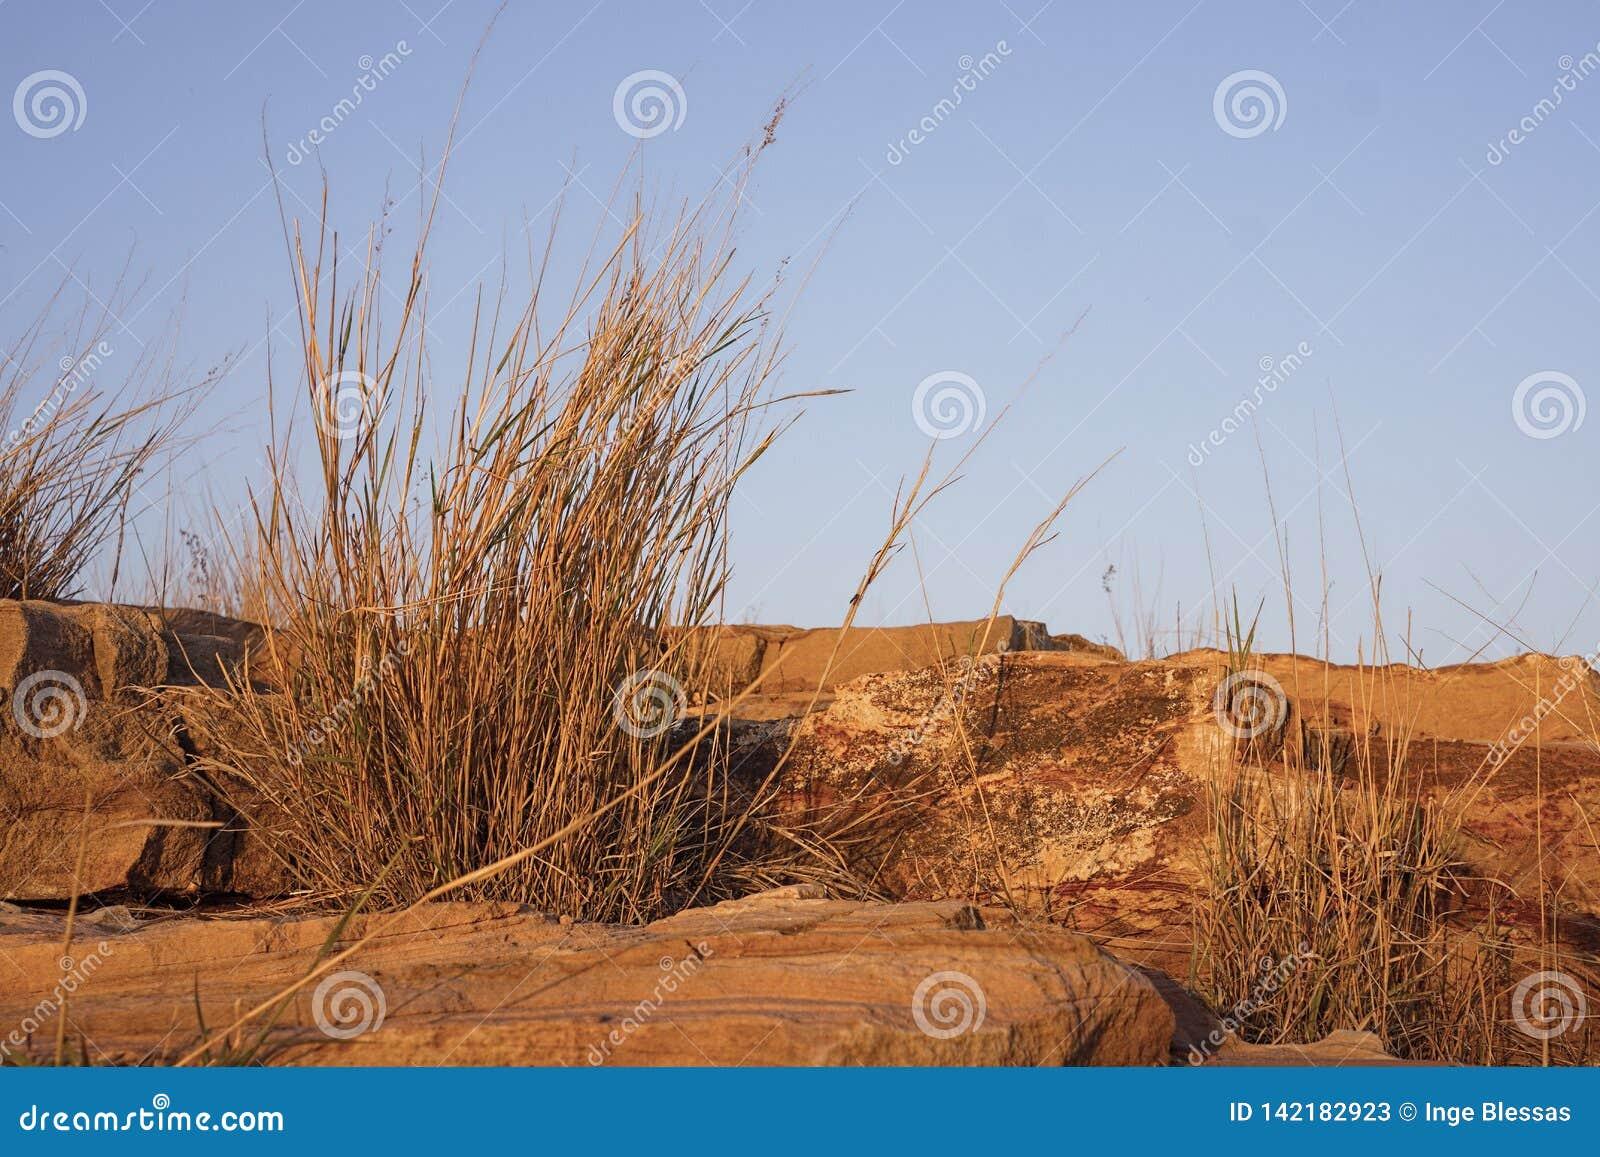 Rocas e hierbas de la piedra arenisca en luz de oro de la puesta del sol